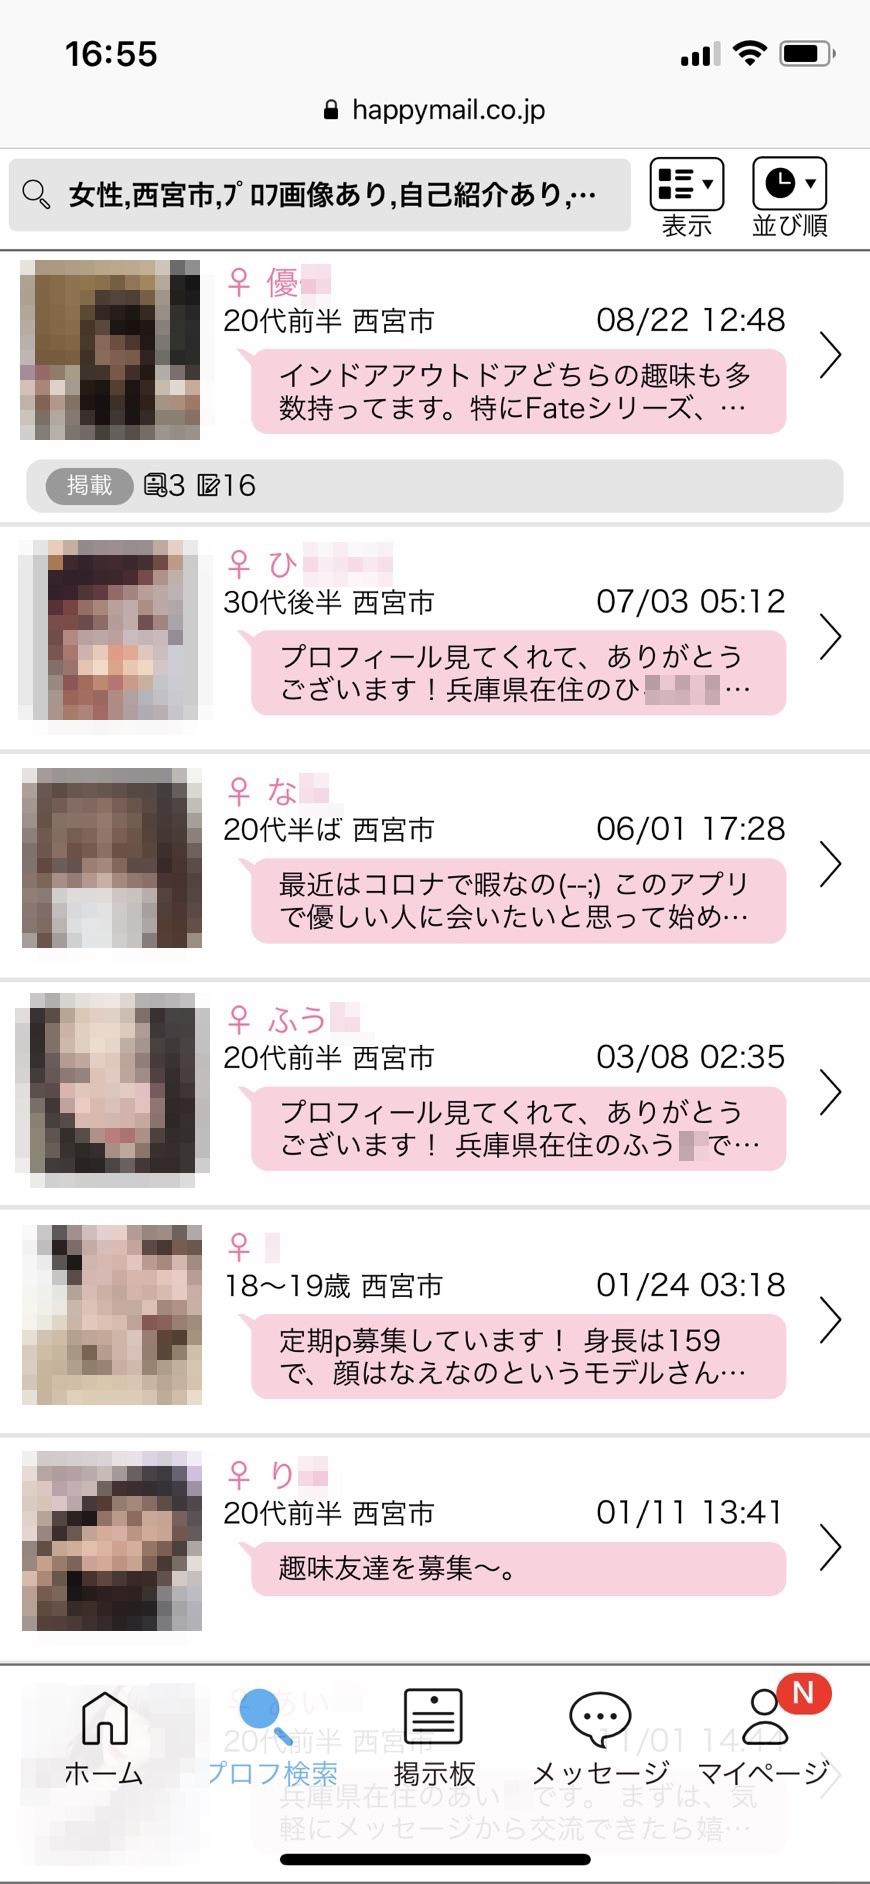 西宮・セフレ希望(ハッピーメール)